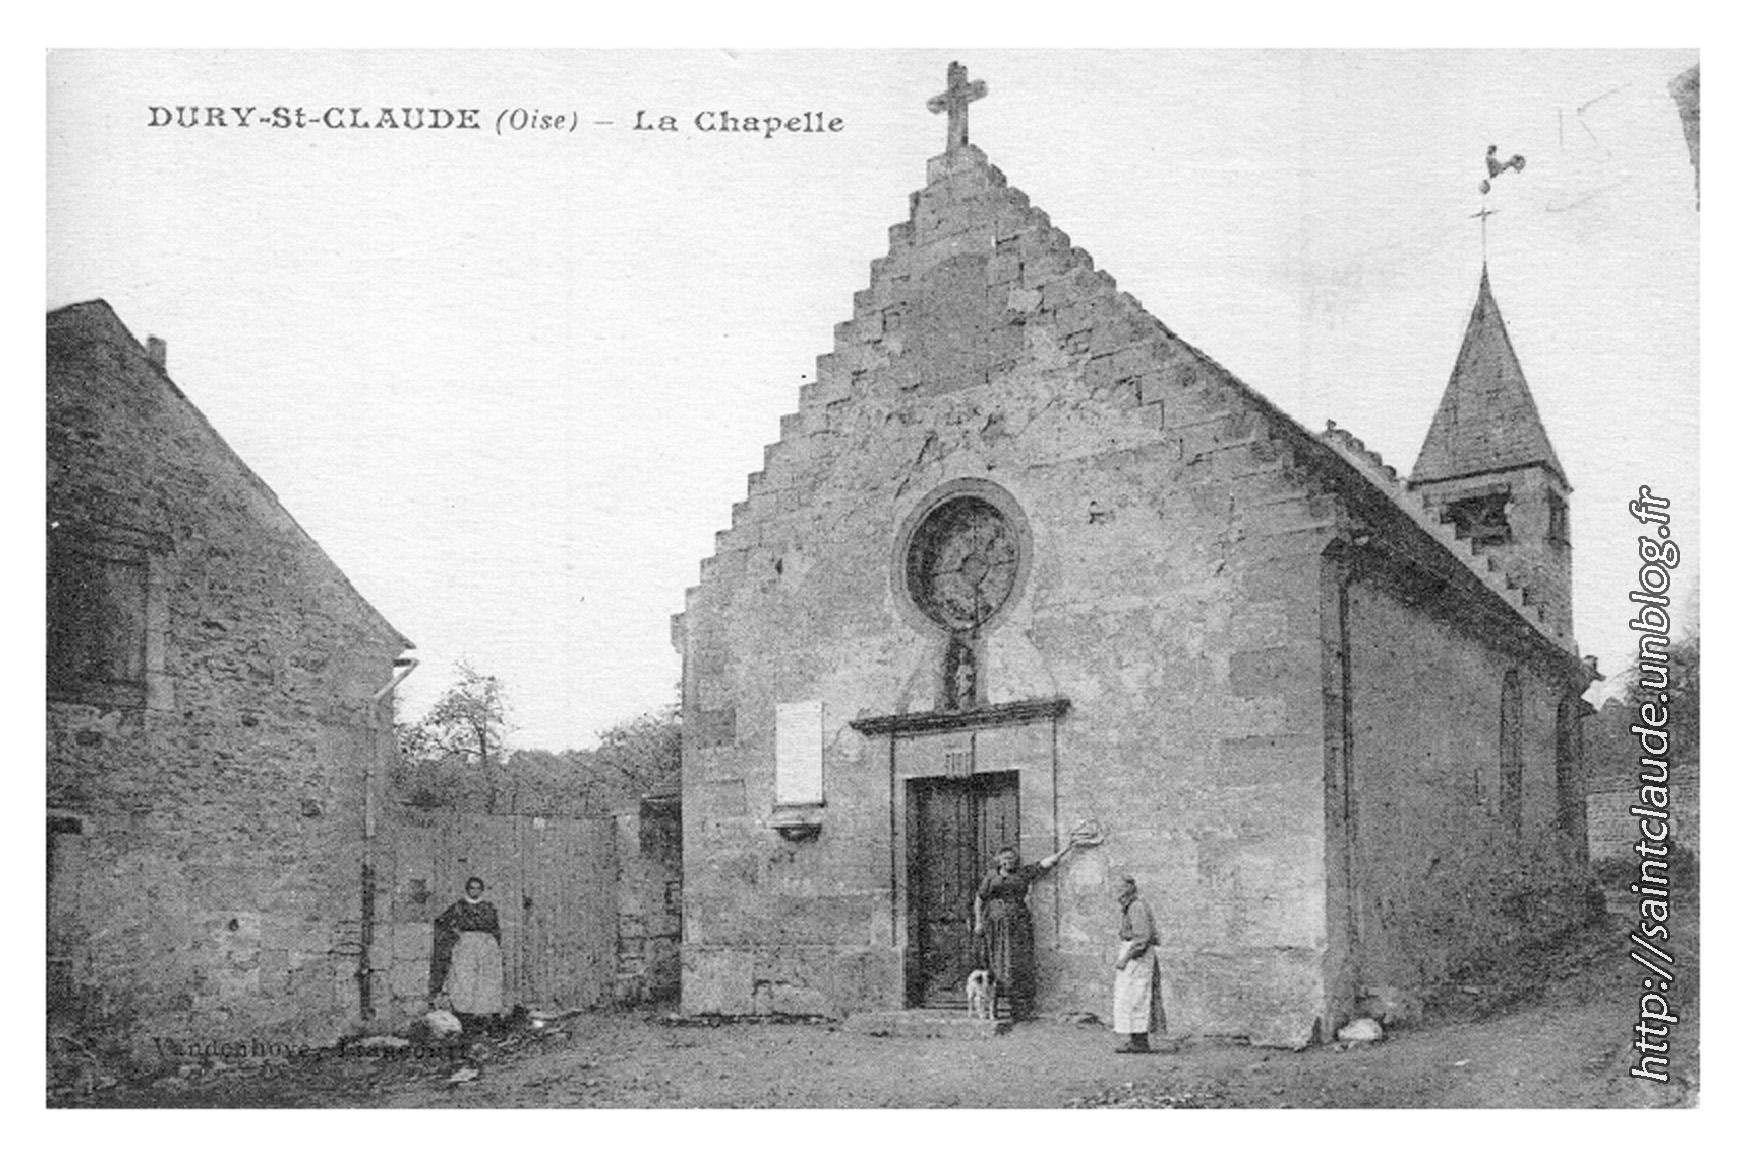 Dury-St-Claude (Oise) - La Chapelle